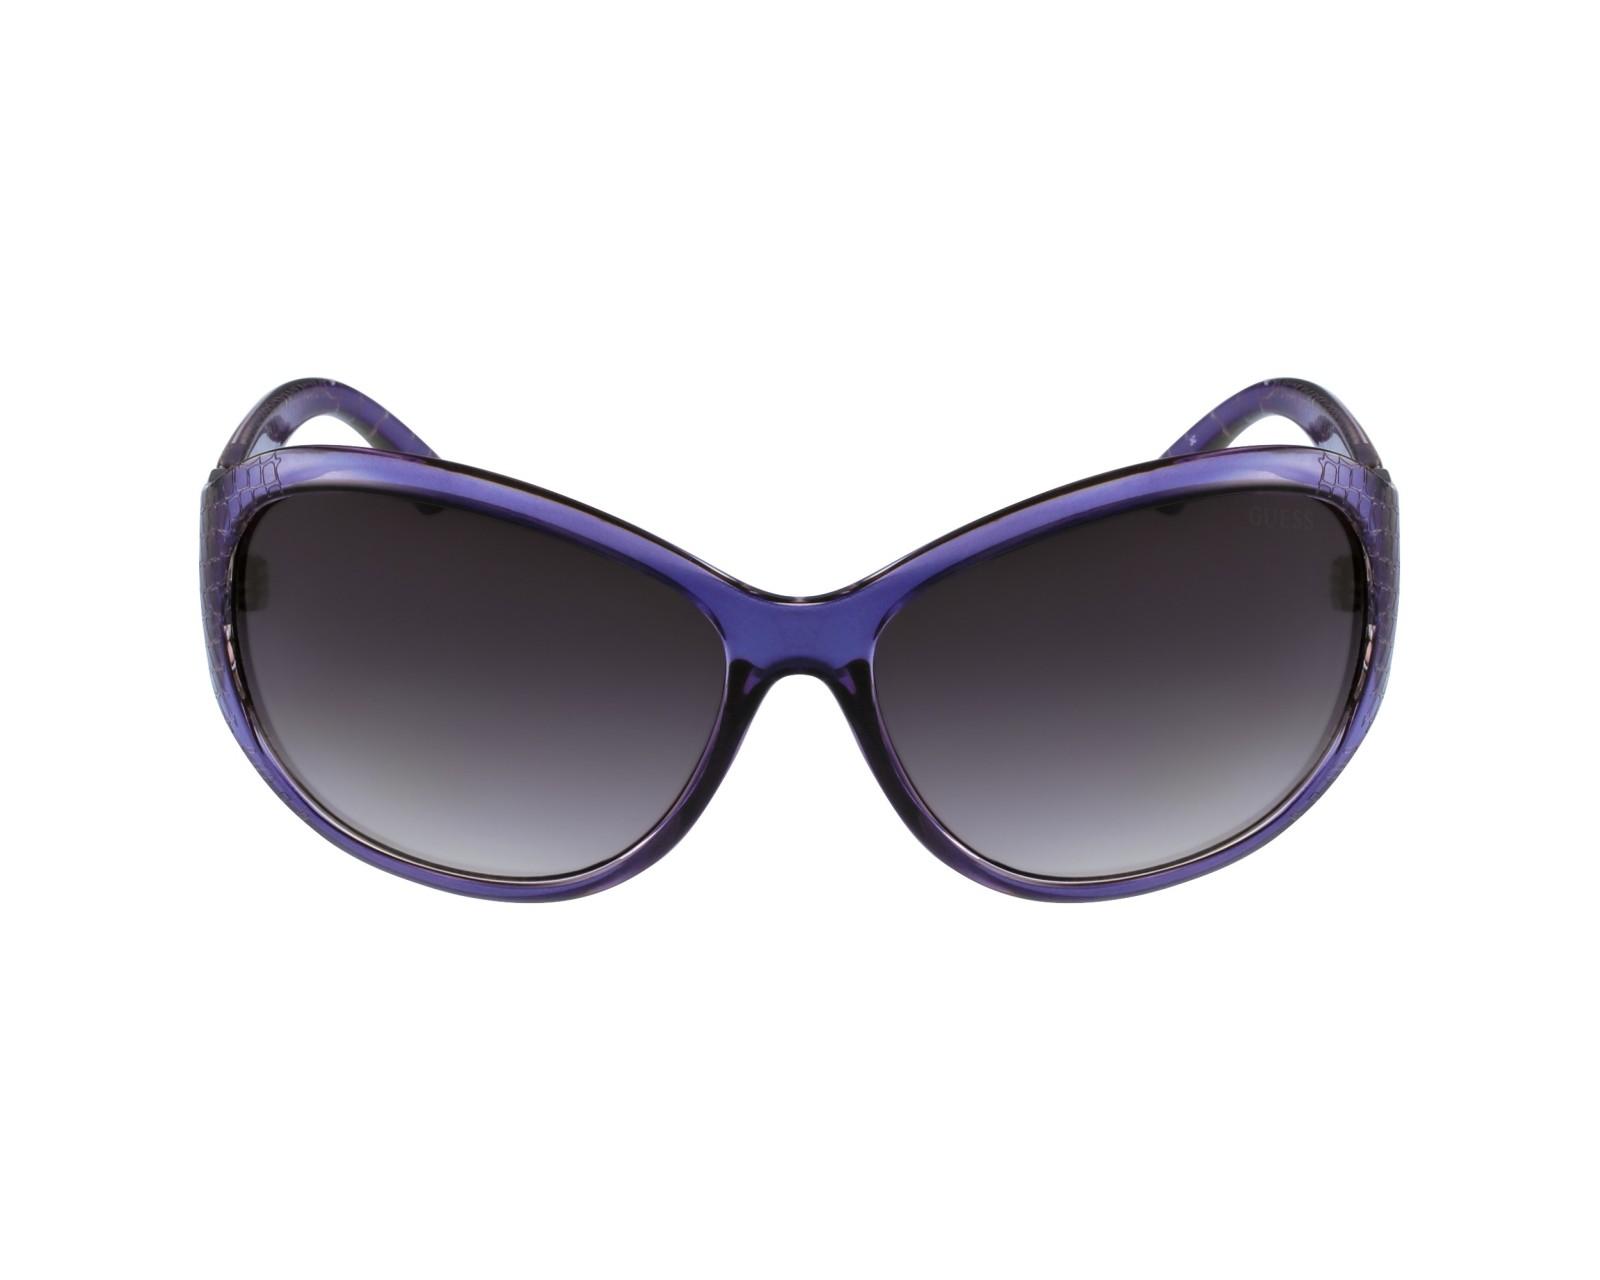 lunettes de soleil guess gu 7309 bl 35 bleu avec des verres gris. Black Bedroom Furniture Sets. Home Design Ideas